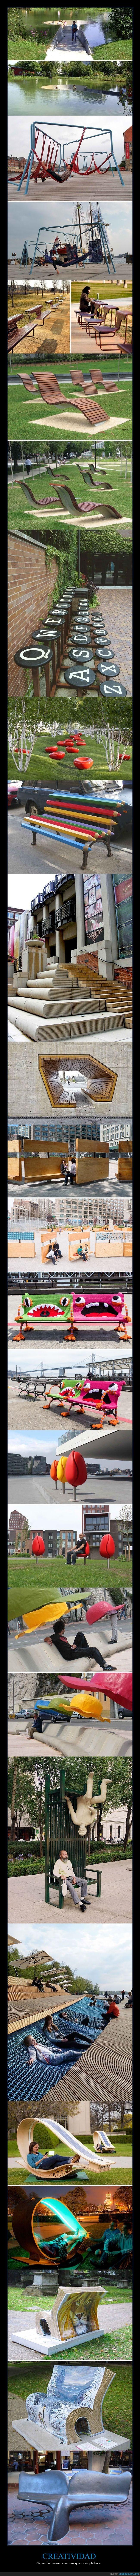 arte,banco,creatividad,publico